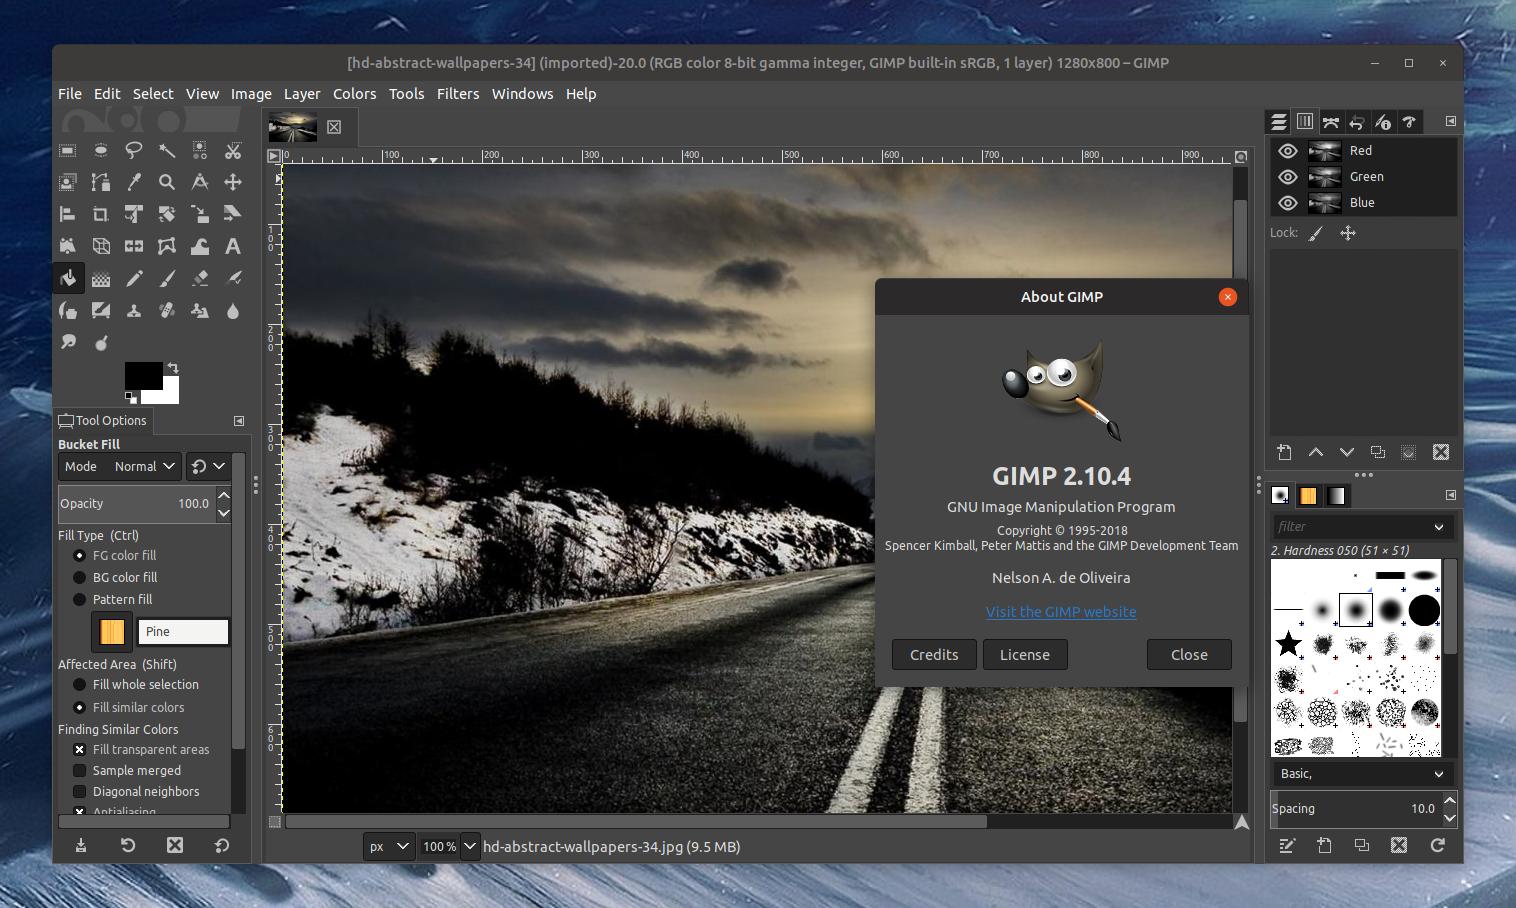 Alternativas-a-Photoshop-gratuitas-Gimp-BrandMe-Influencer-Marketing